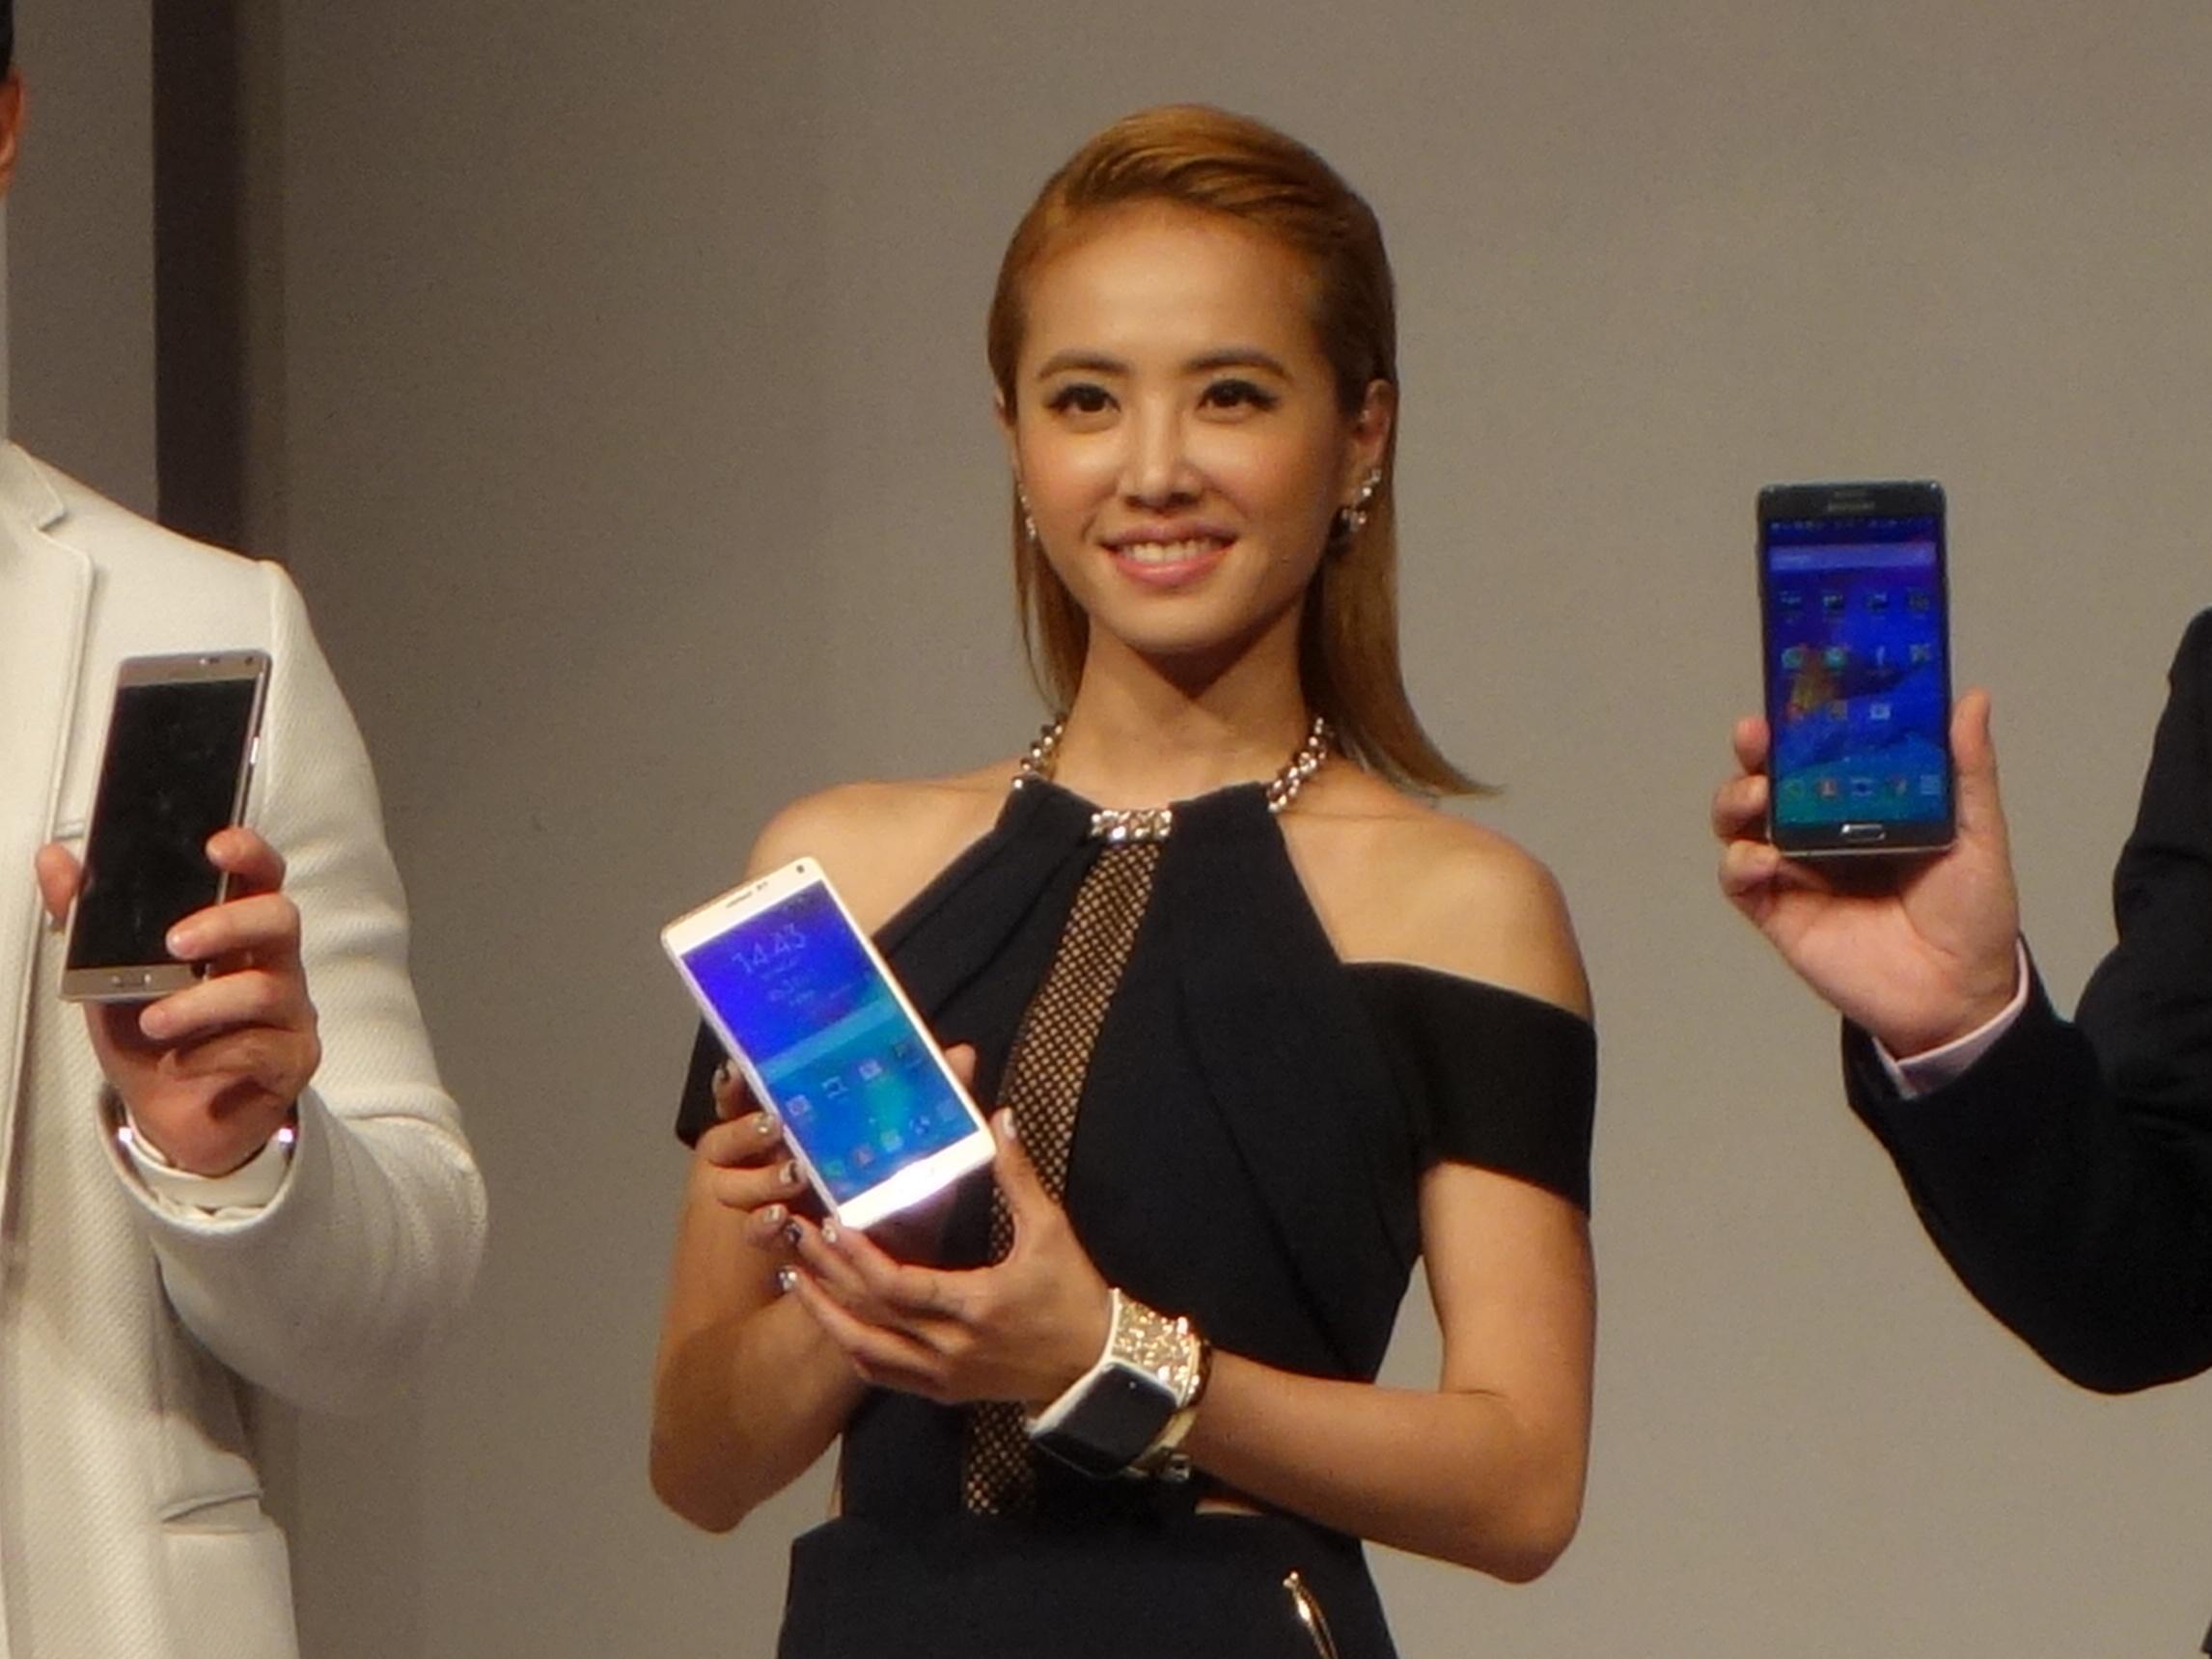 三星 Galaxy Note 4 與 Gear S 智慧手錶價格公布,並推出施華洛世奇水晶背蓋